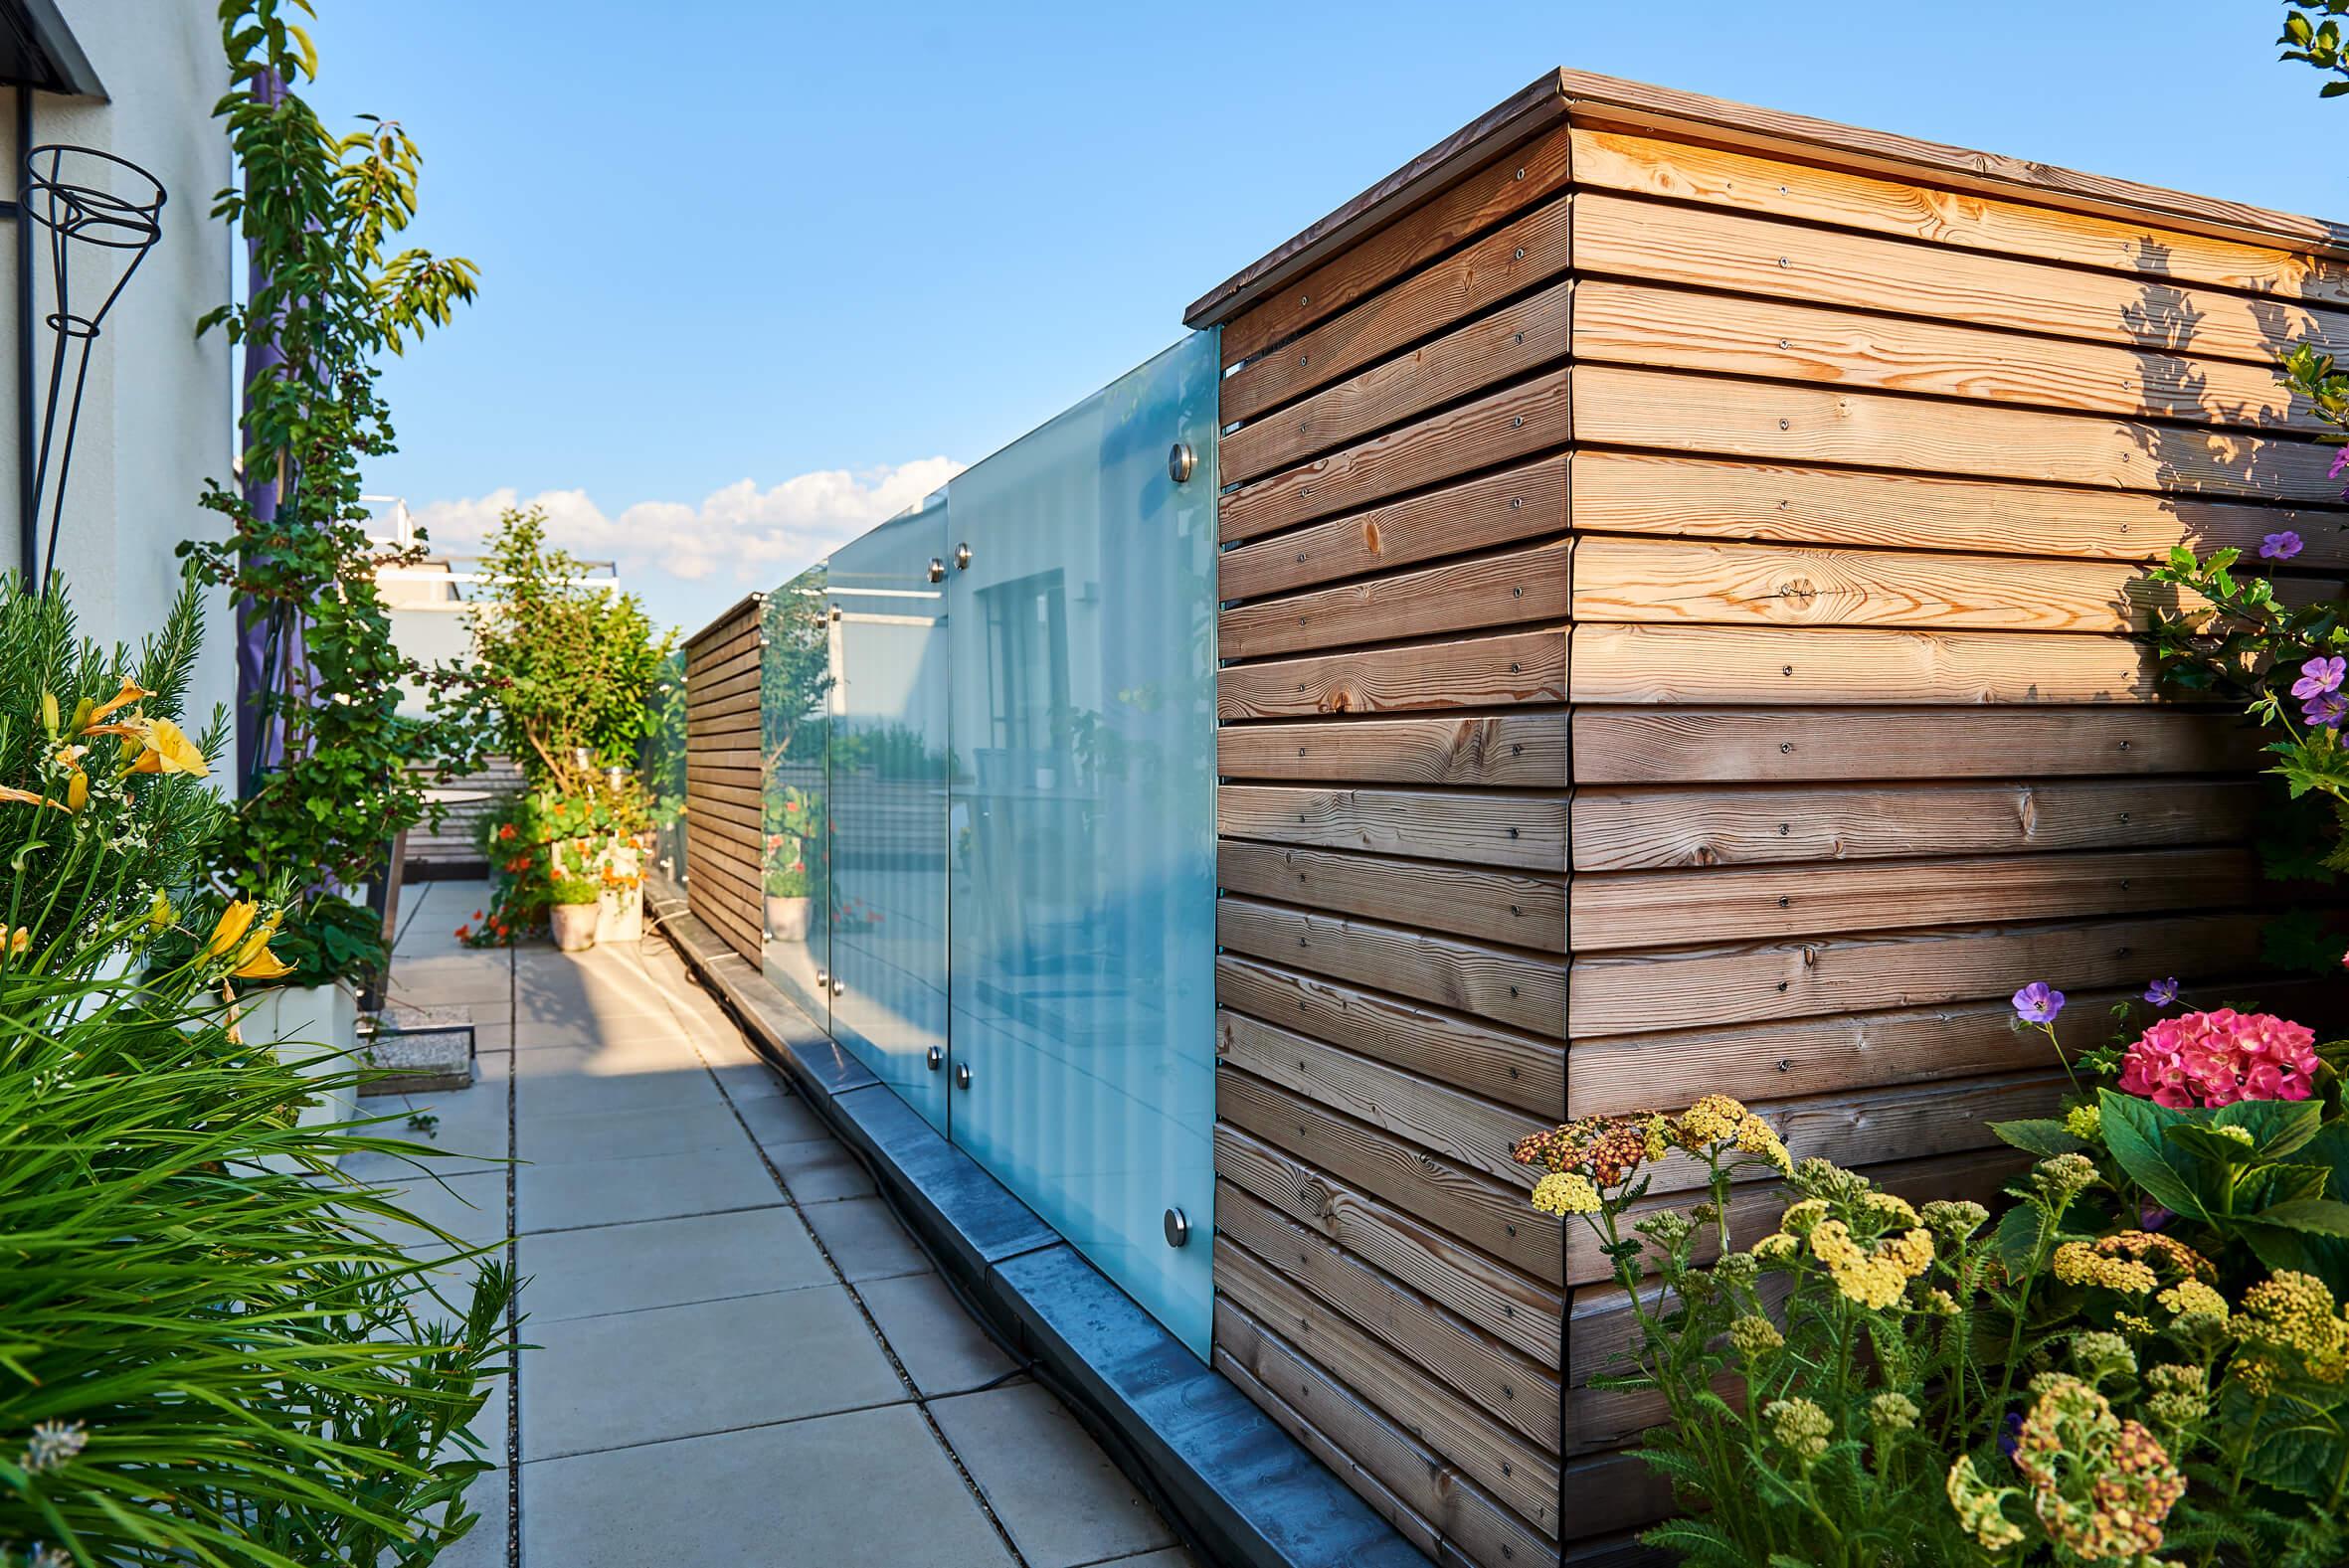 Sichtschutz aus Holz und Glas auf einer Dachterrasse